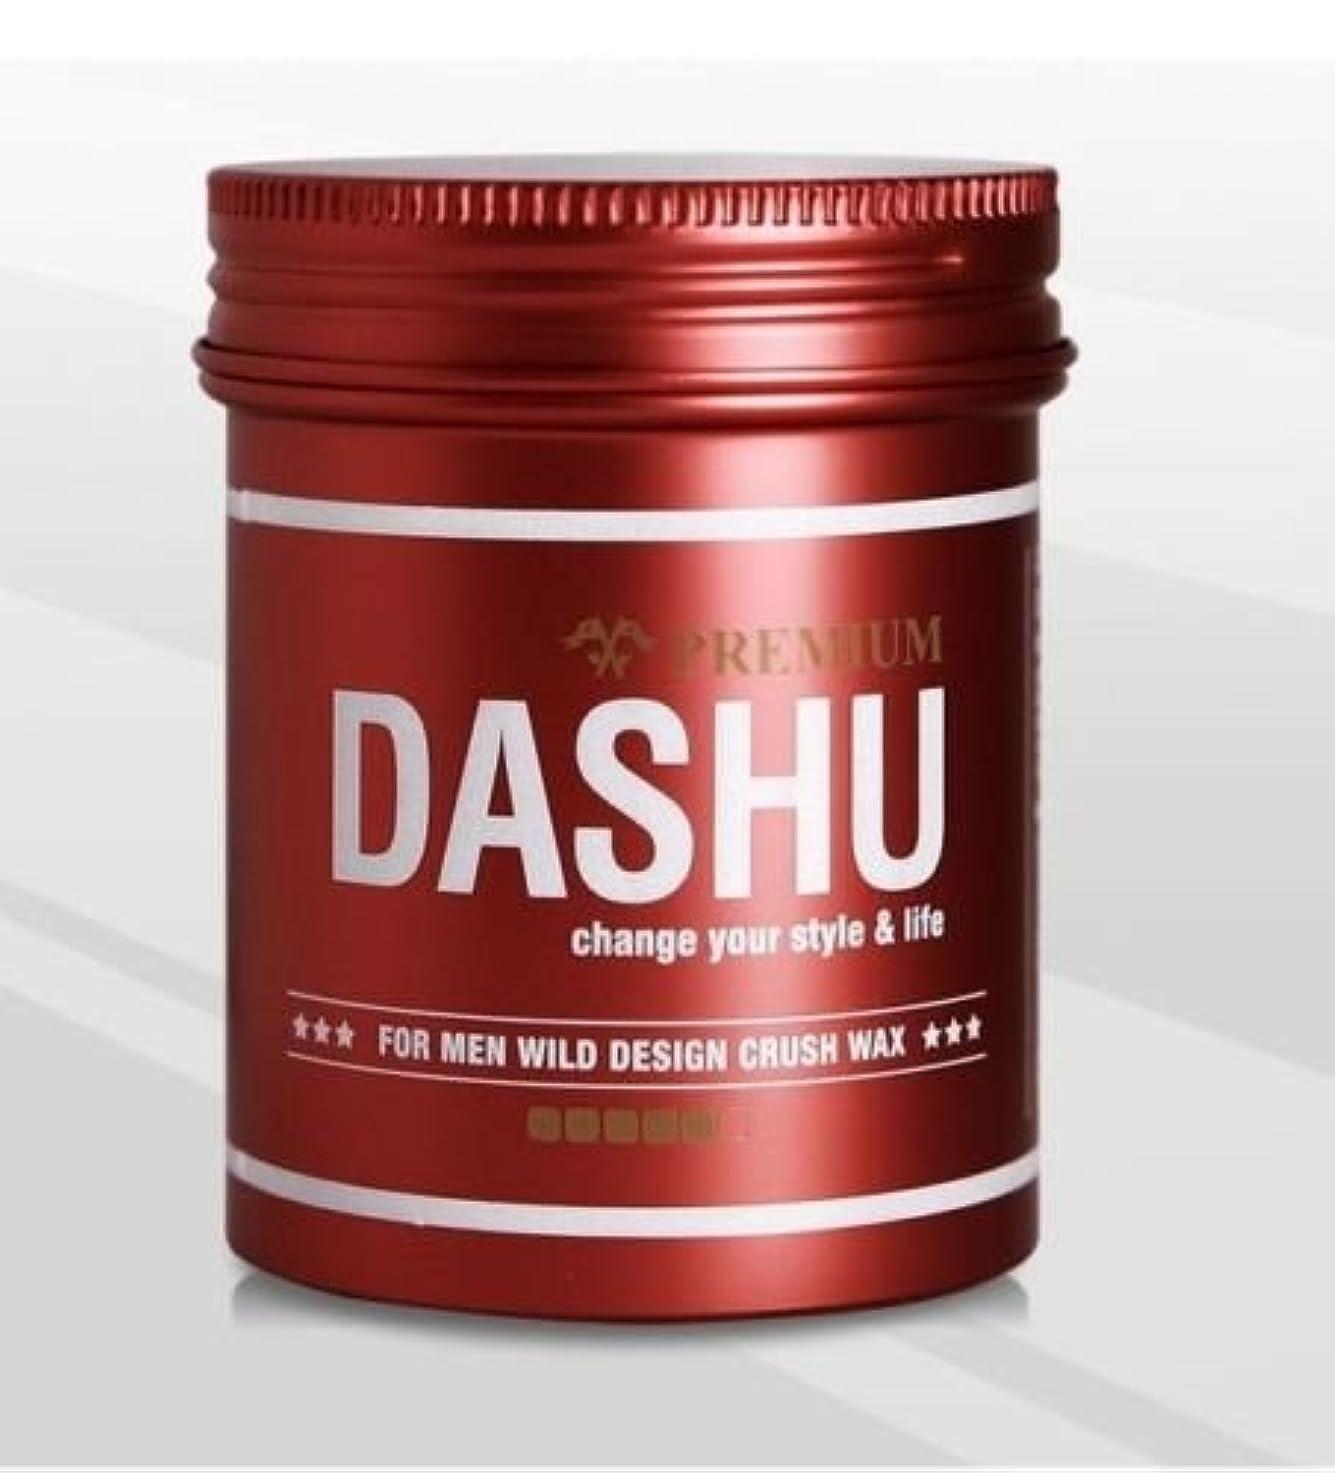 万歳硬さ富[DASHU] ダシュ For Men男性用 プレミアムワイルドデザインクラッシュワックス Premium Wild Design Crush Hair Wax 100ml / 韓国製 . 韓国直送品